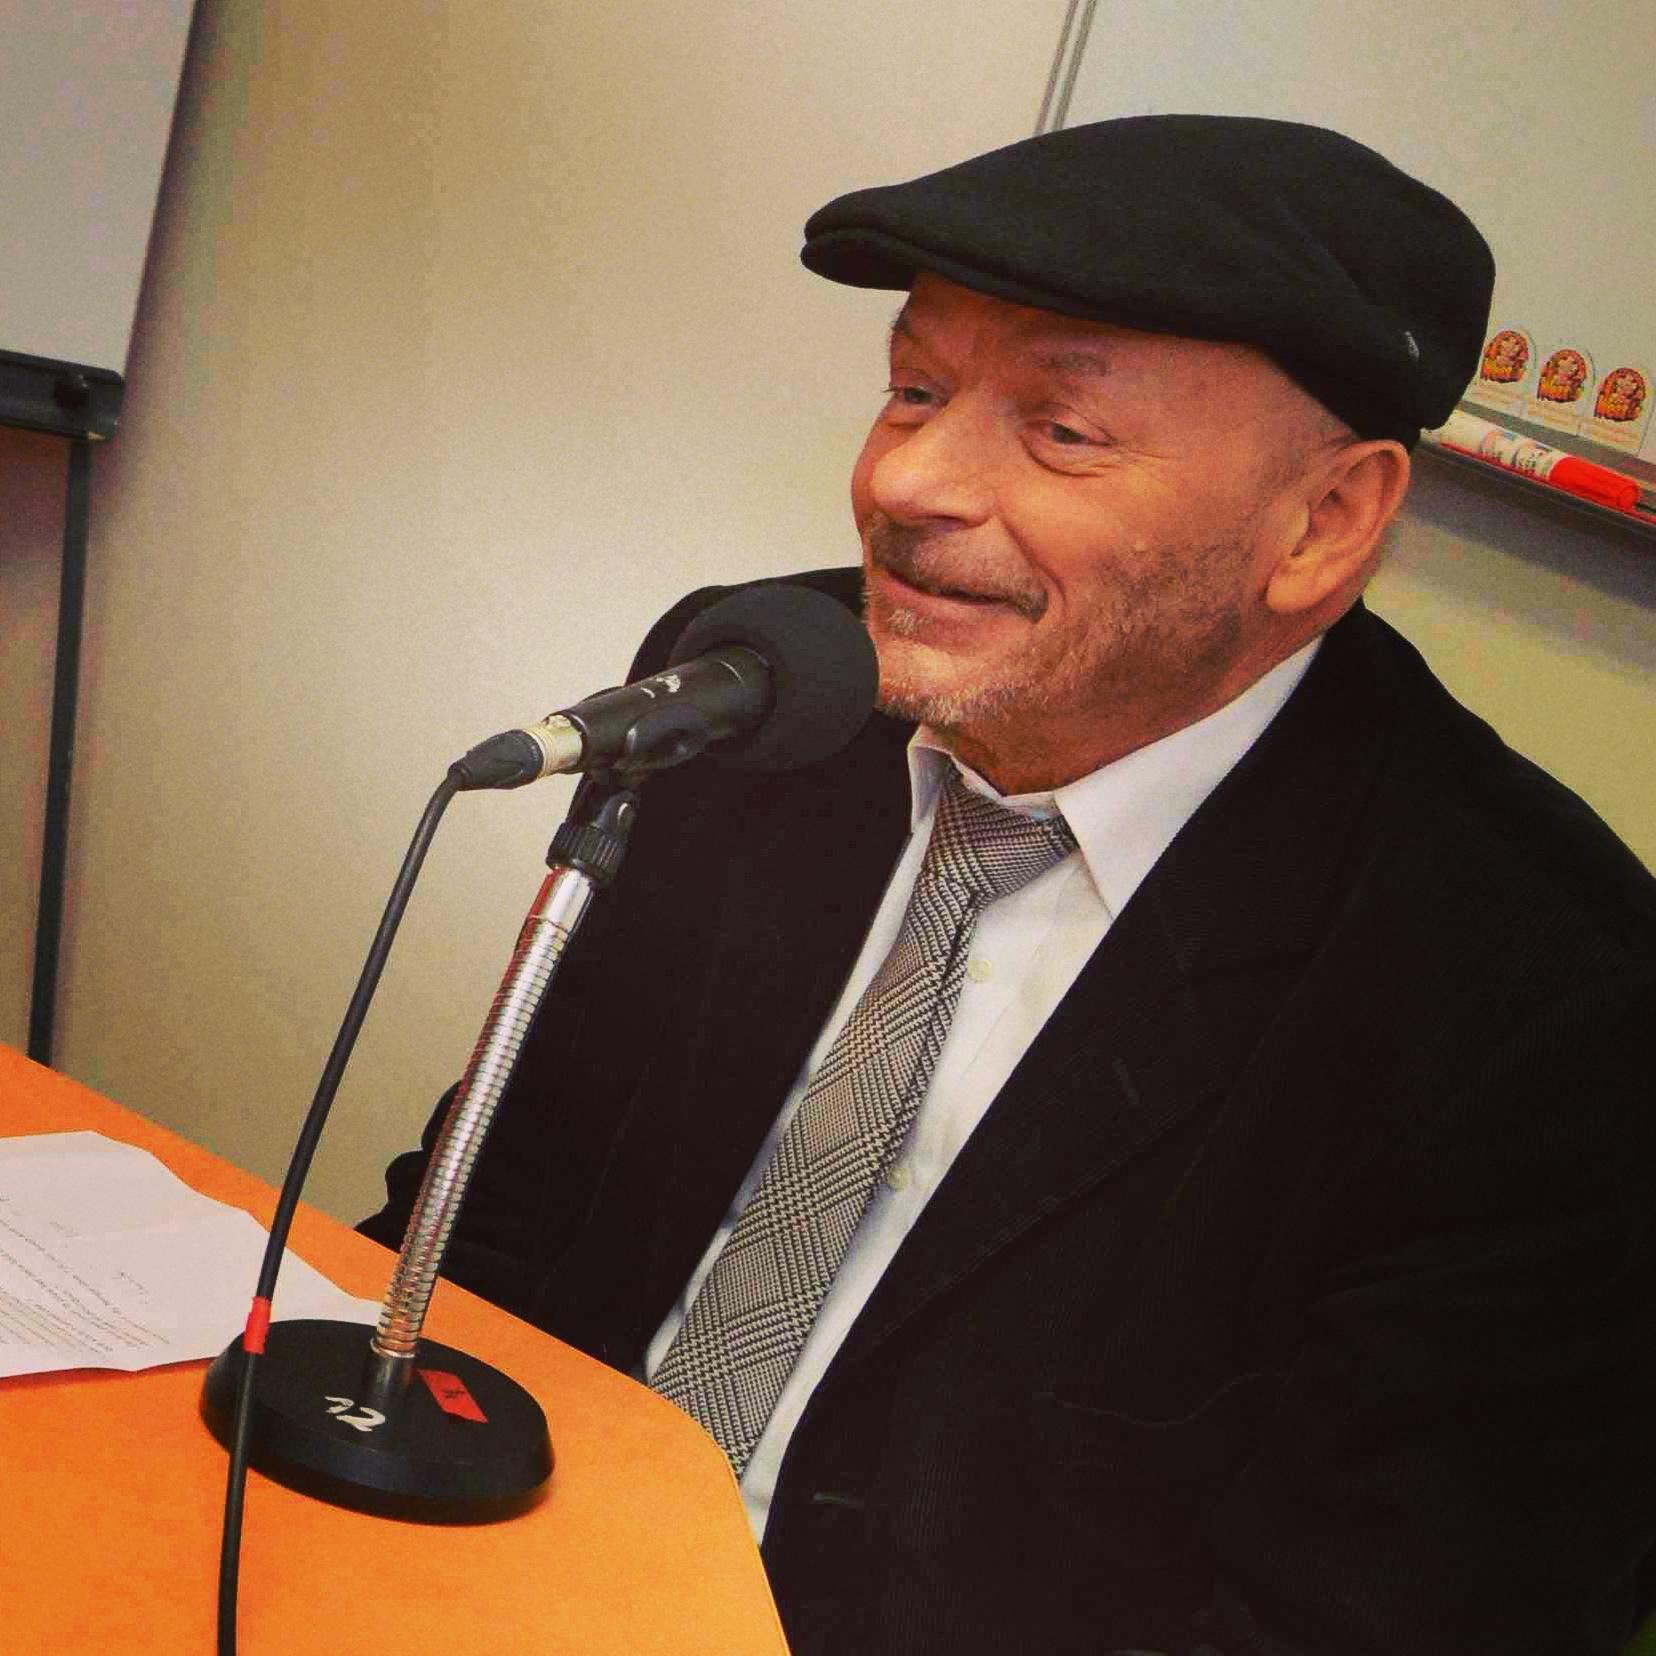 Pierre Gosnat, maire d'Ivry depuis 1998 est mort ce samedi 25 janvier 2015. Les eptits journalistes de Radio-Cartable se souviendront longtemps de sa venue au studio, en mars 2014, à l'occasion des trente ans de notre radio scolaire.